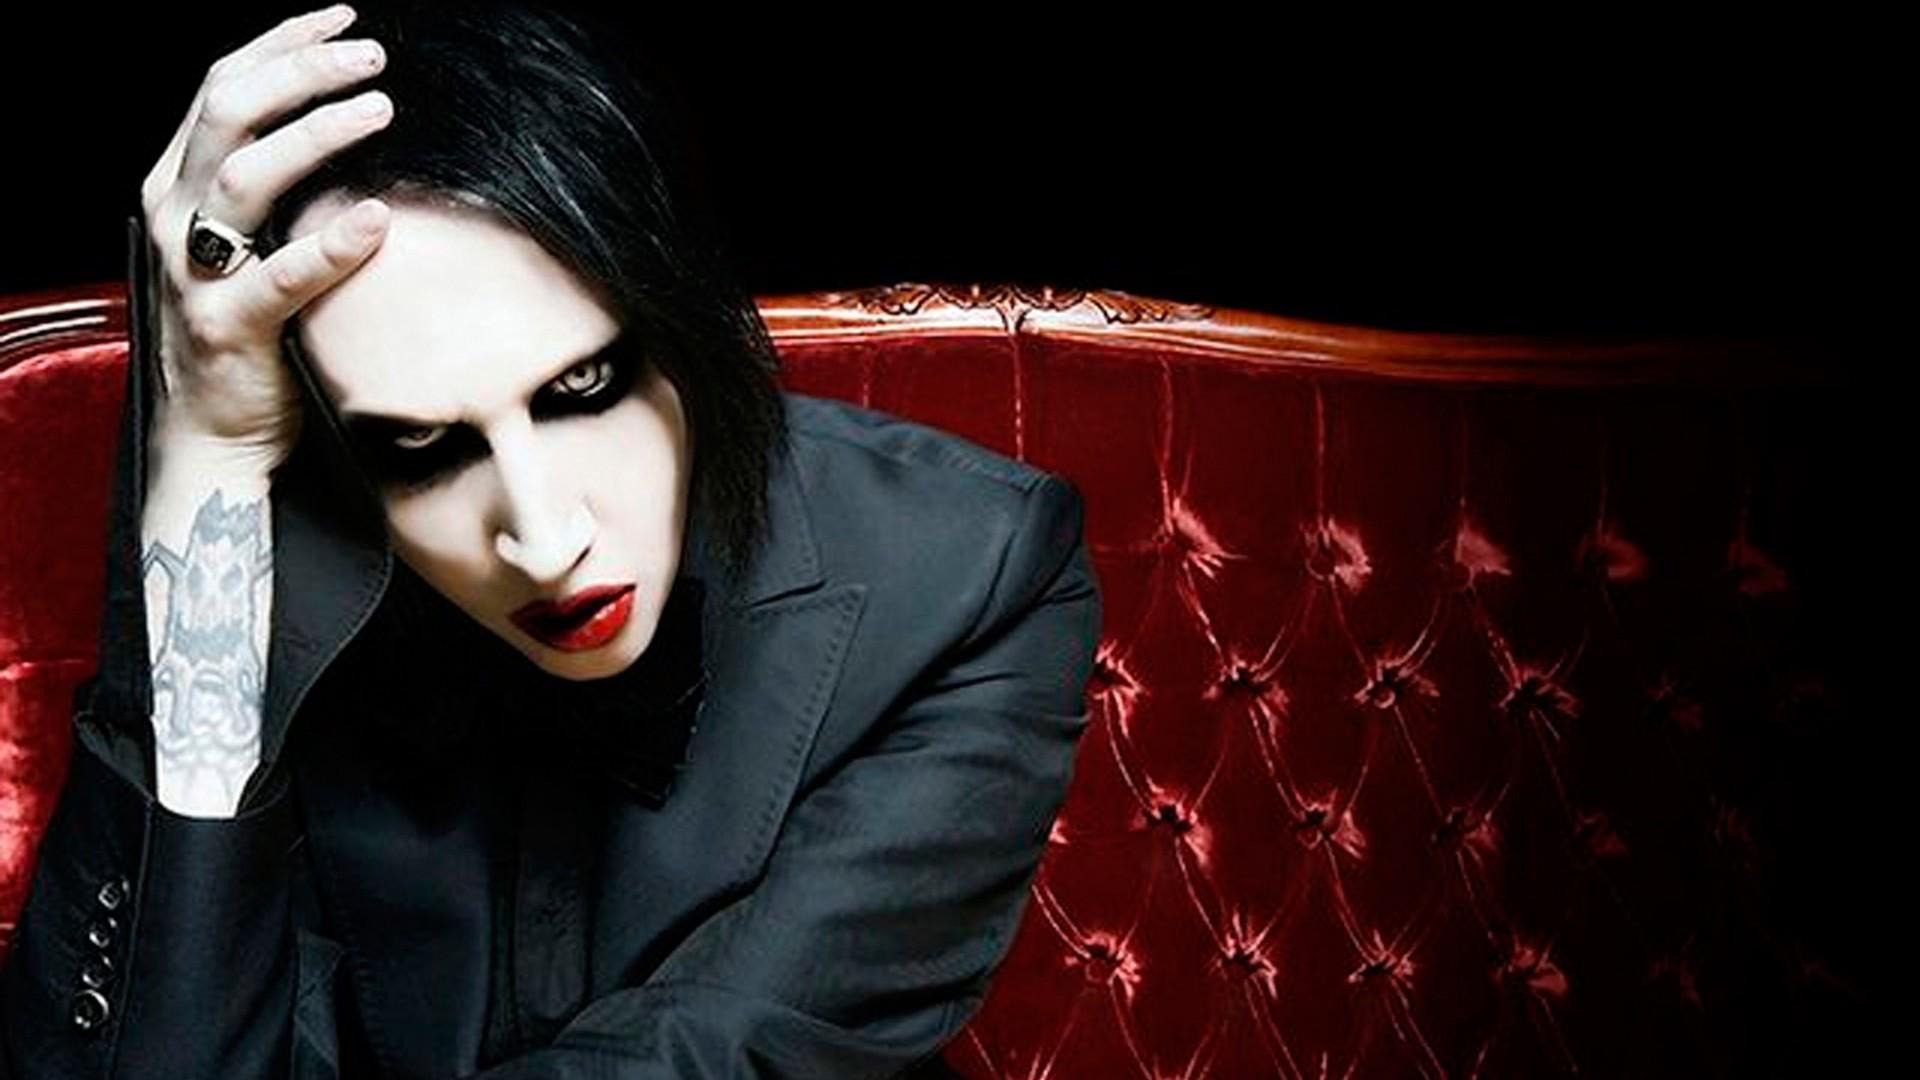 Marilyn Manson Full HD Wallpaper 1920×1080